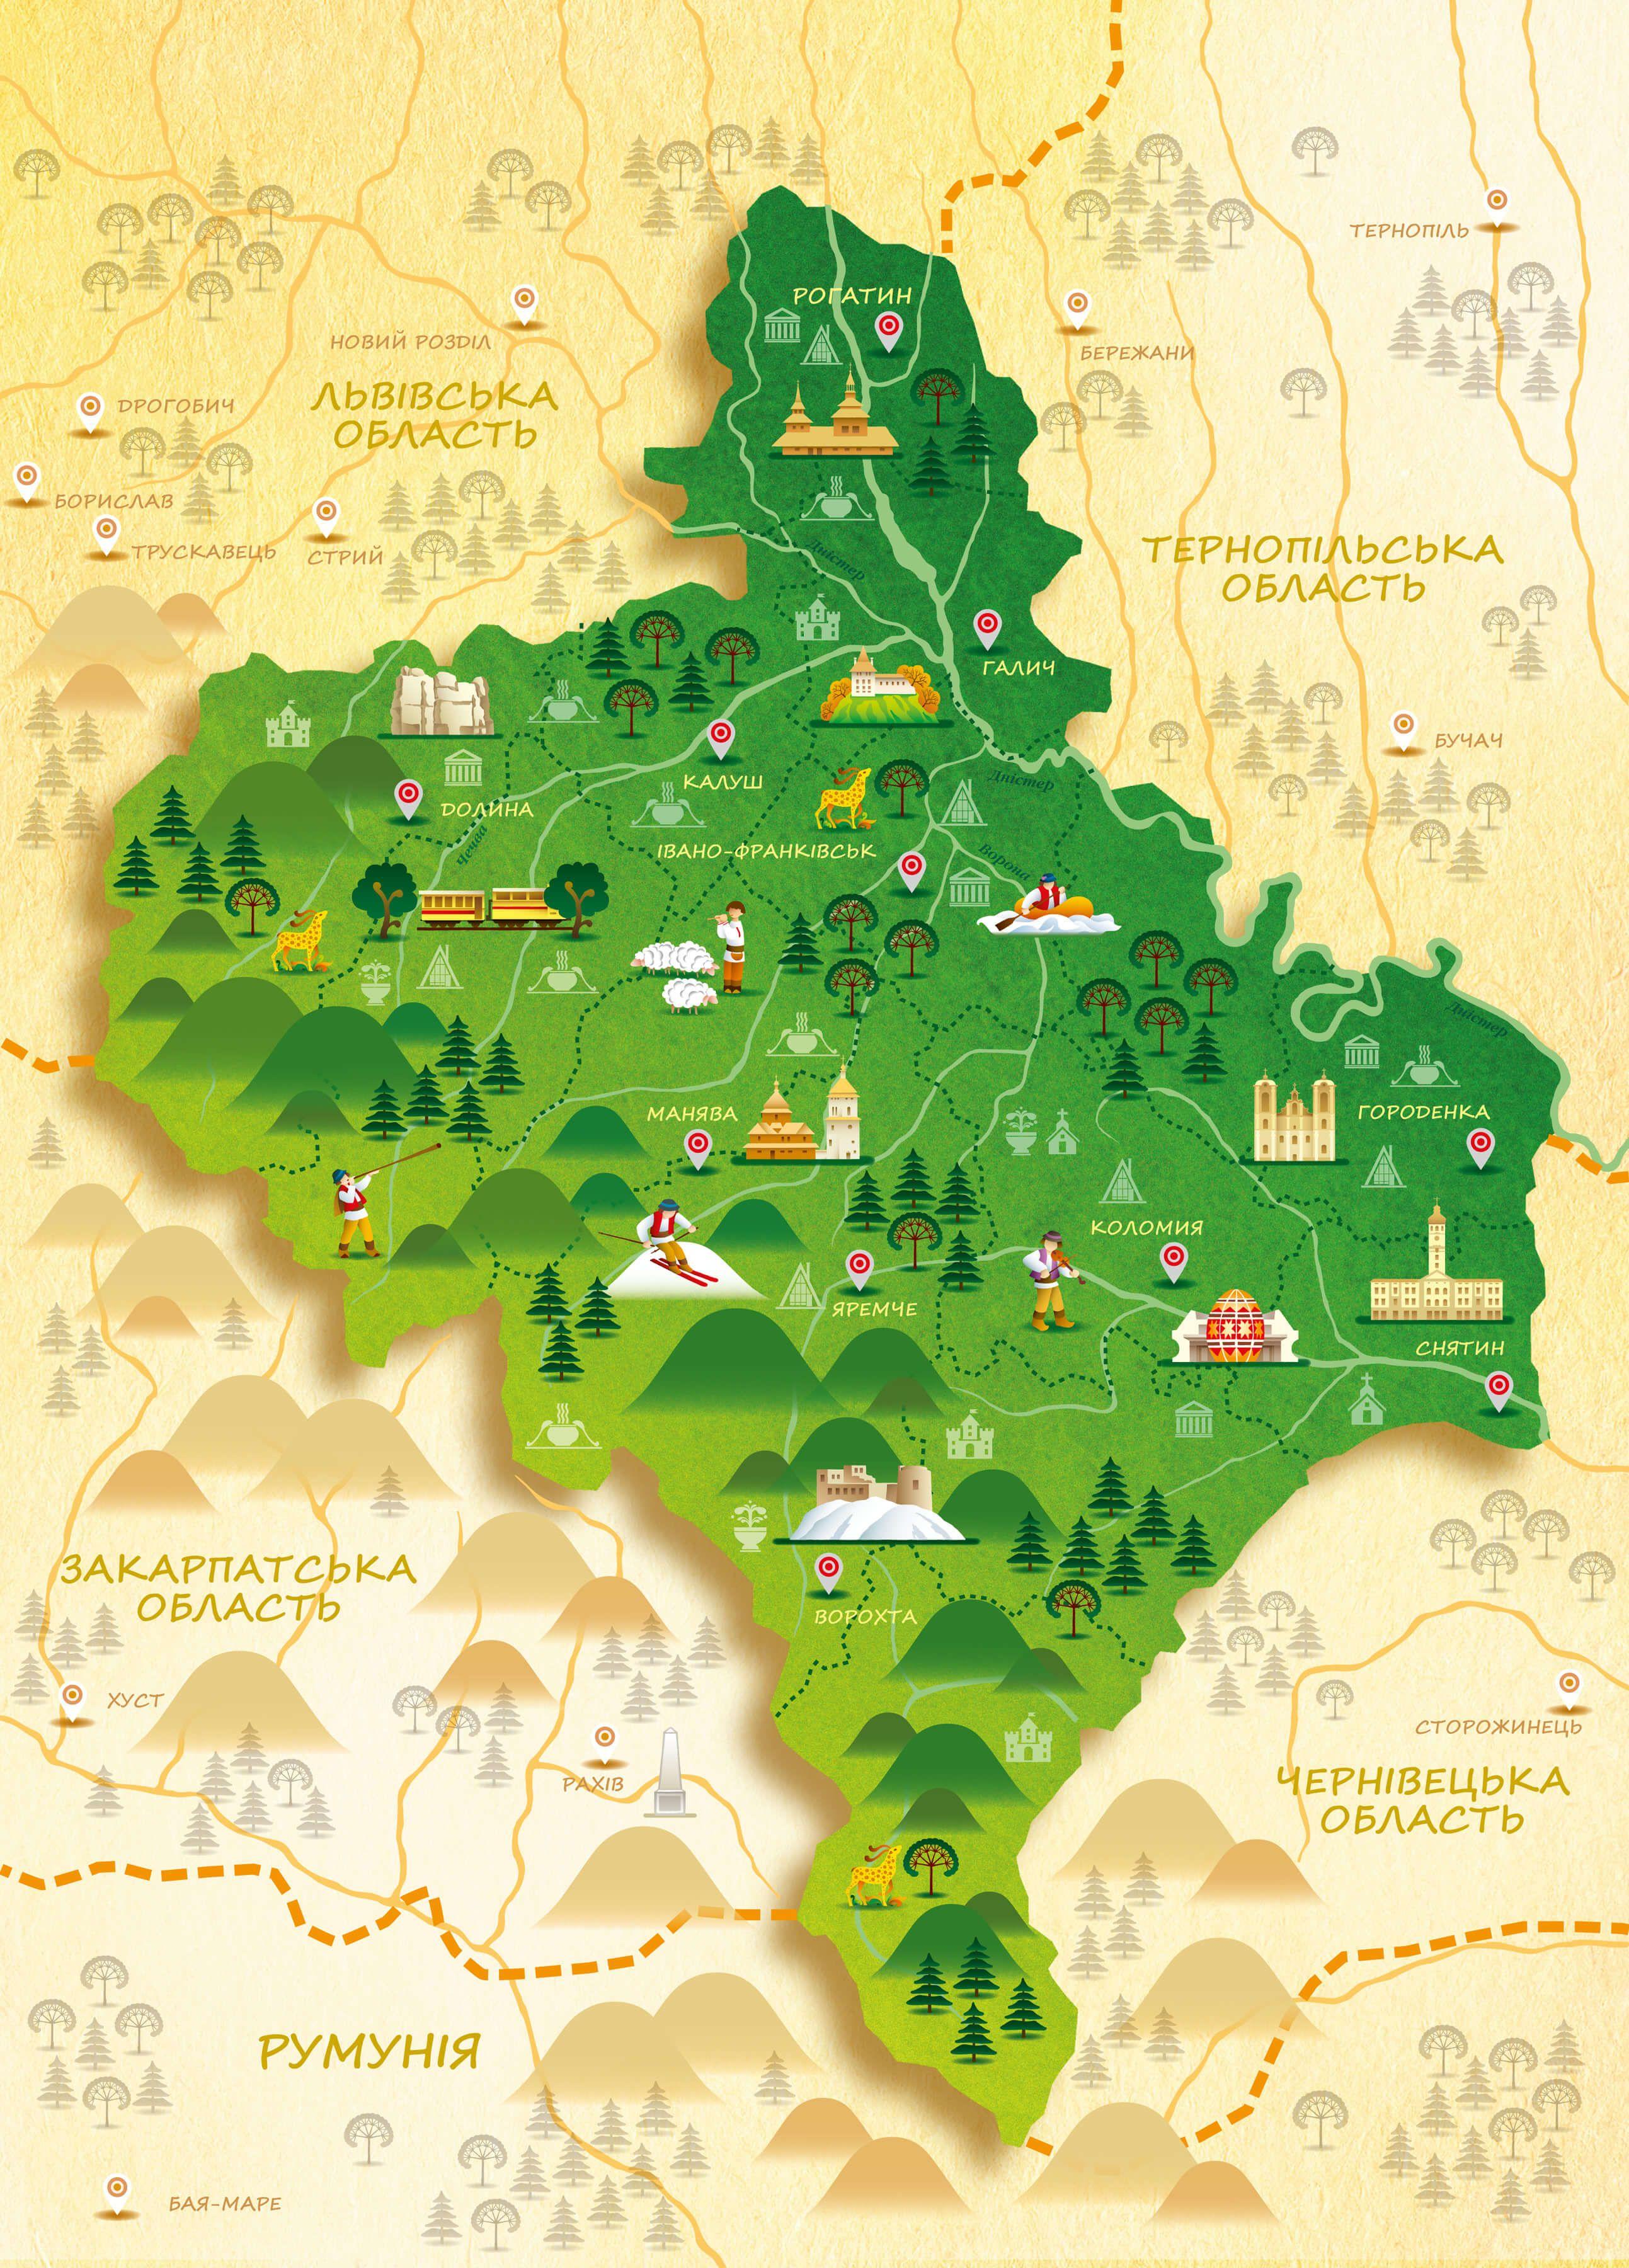 Сайт присвячений заповідним територіям та туристичним перлинам Івано-Франківської області.